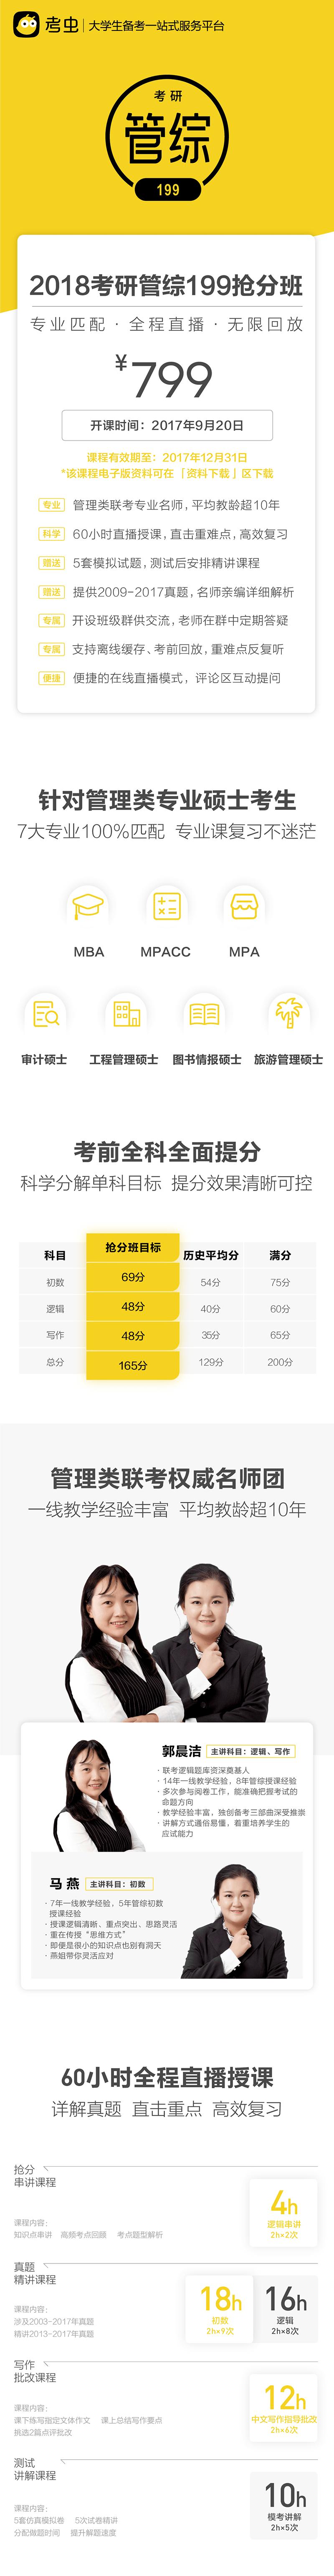 管综改价后更新图01.png